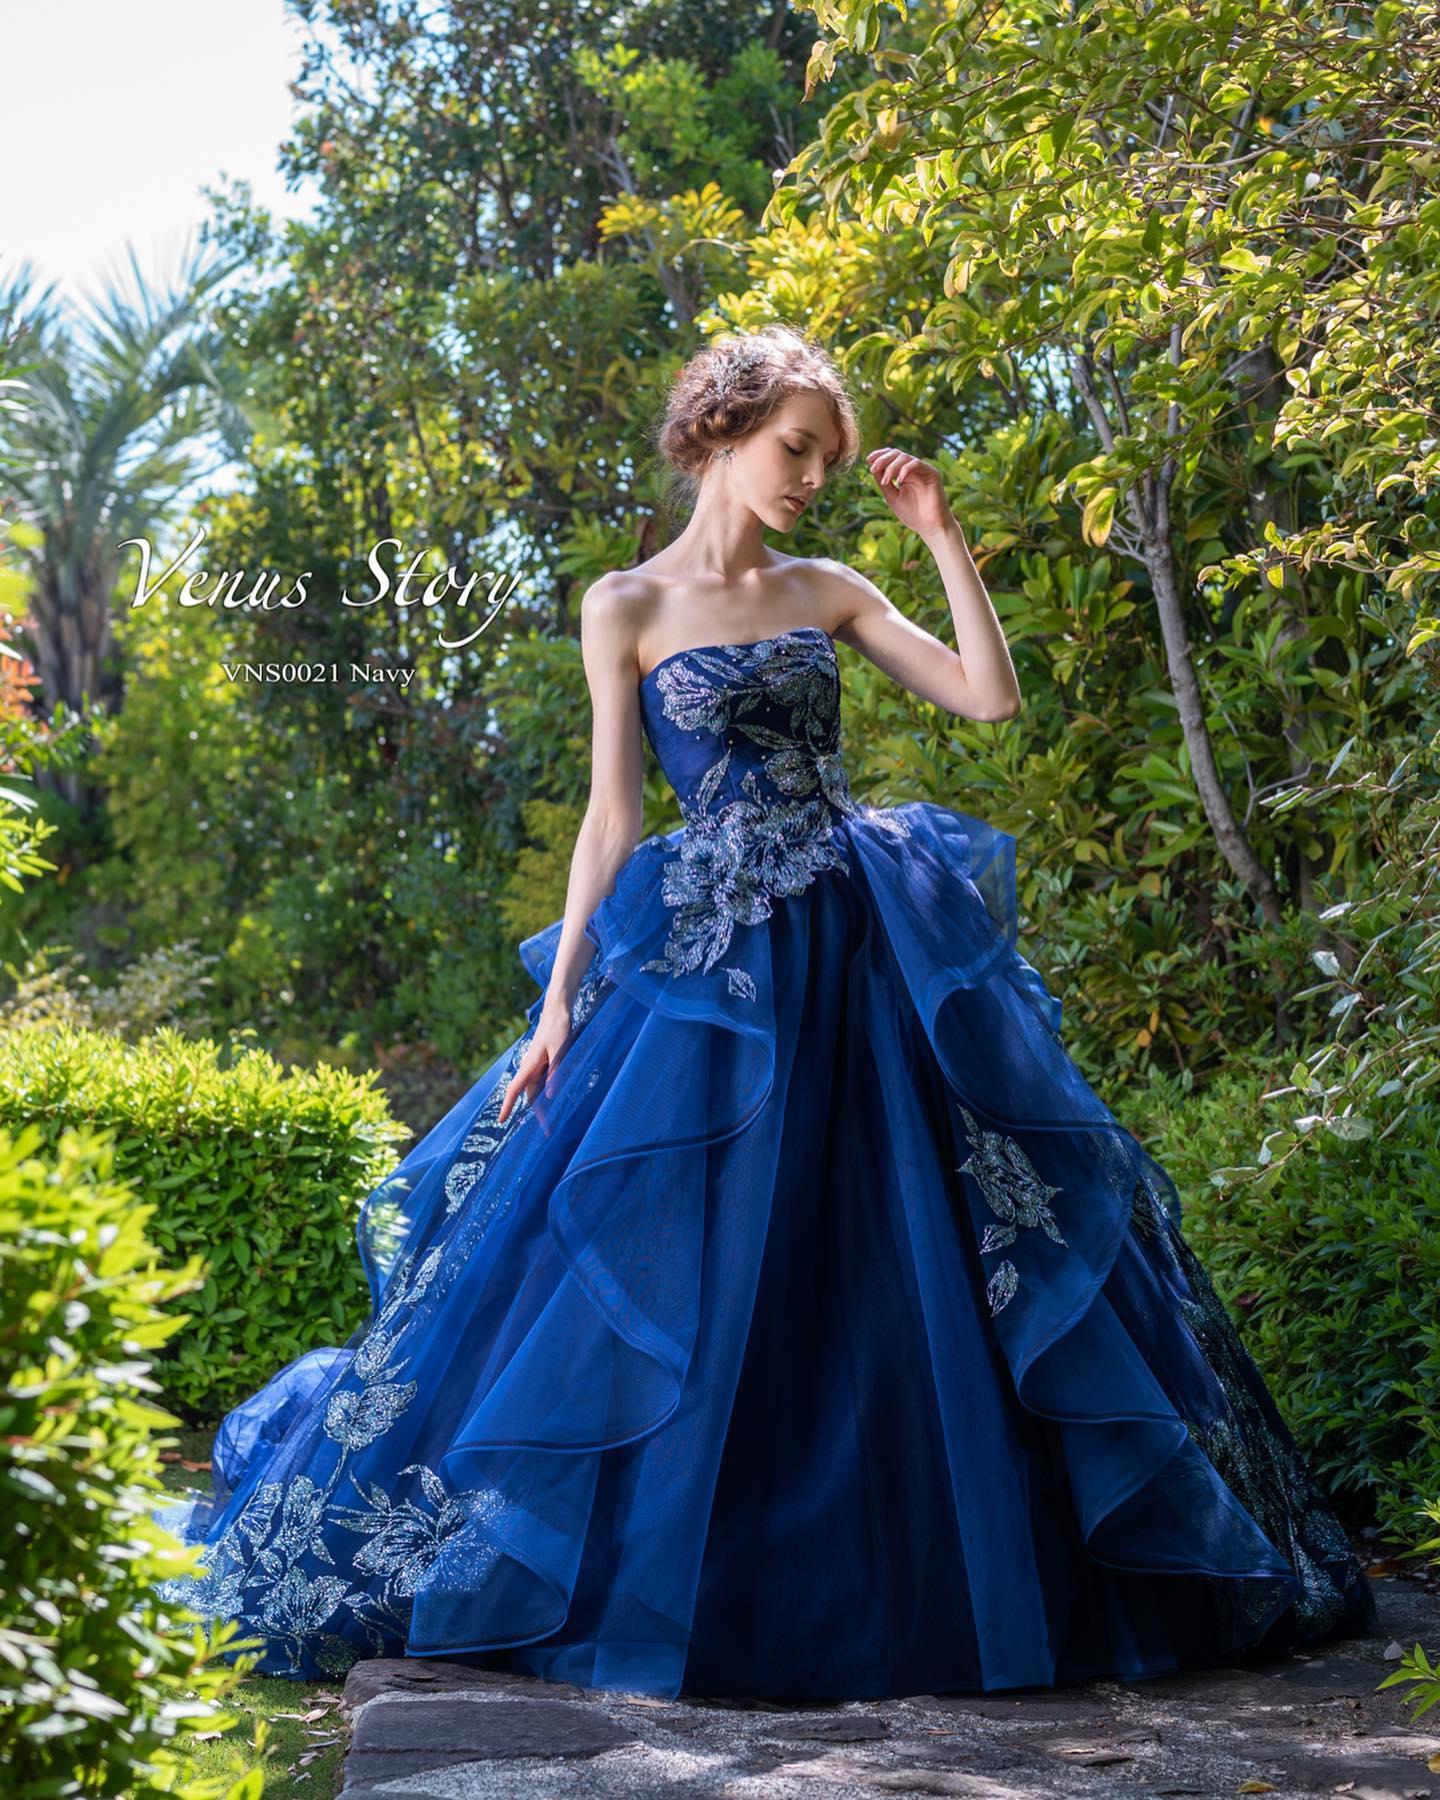 ・今日は人気のカラードレスをご紹介・大柄のグリッターをモチーフカットし、サイドスカートとトップにレイアウト・インパクトあるプリンセスラインのソワレは360度どこから見ても魅力的・ご試着いかがでしょうか・#wedding #weddingdress #bridalhiro #kiyokohata #ウェディングドレス #プレ花嫁 #ドレス試着 #2021夏婚 #2021冬婚 #ヘアメイク #結婚式  #ドレス選び #前撮り #後撮り #フォトウェディング #ウェディングヘア  #フォト婚 #前撮り写真 #ブライダルフォト #カップルフォト #ウェディングドレス探し #ウェディングドレス試着 #レンタルドレス #ドレスショップ #家族婚 #ブライダルヒロ #ゼクシィ #プリンセスライン #ドレス迷子